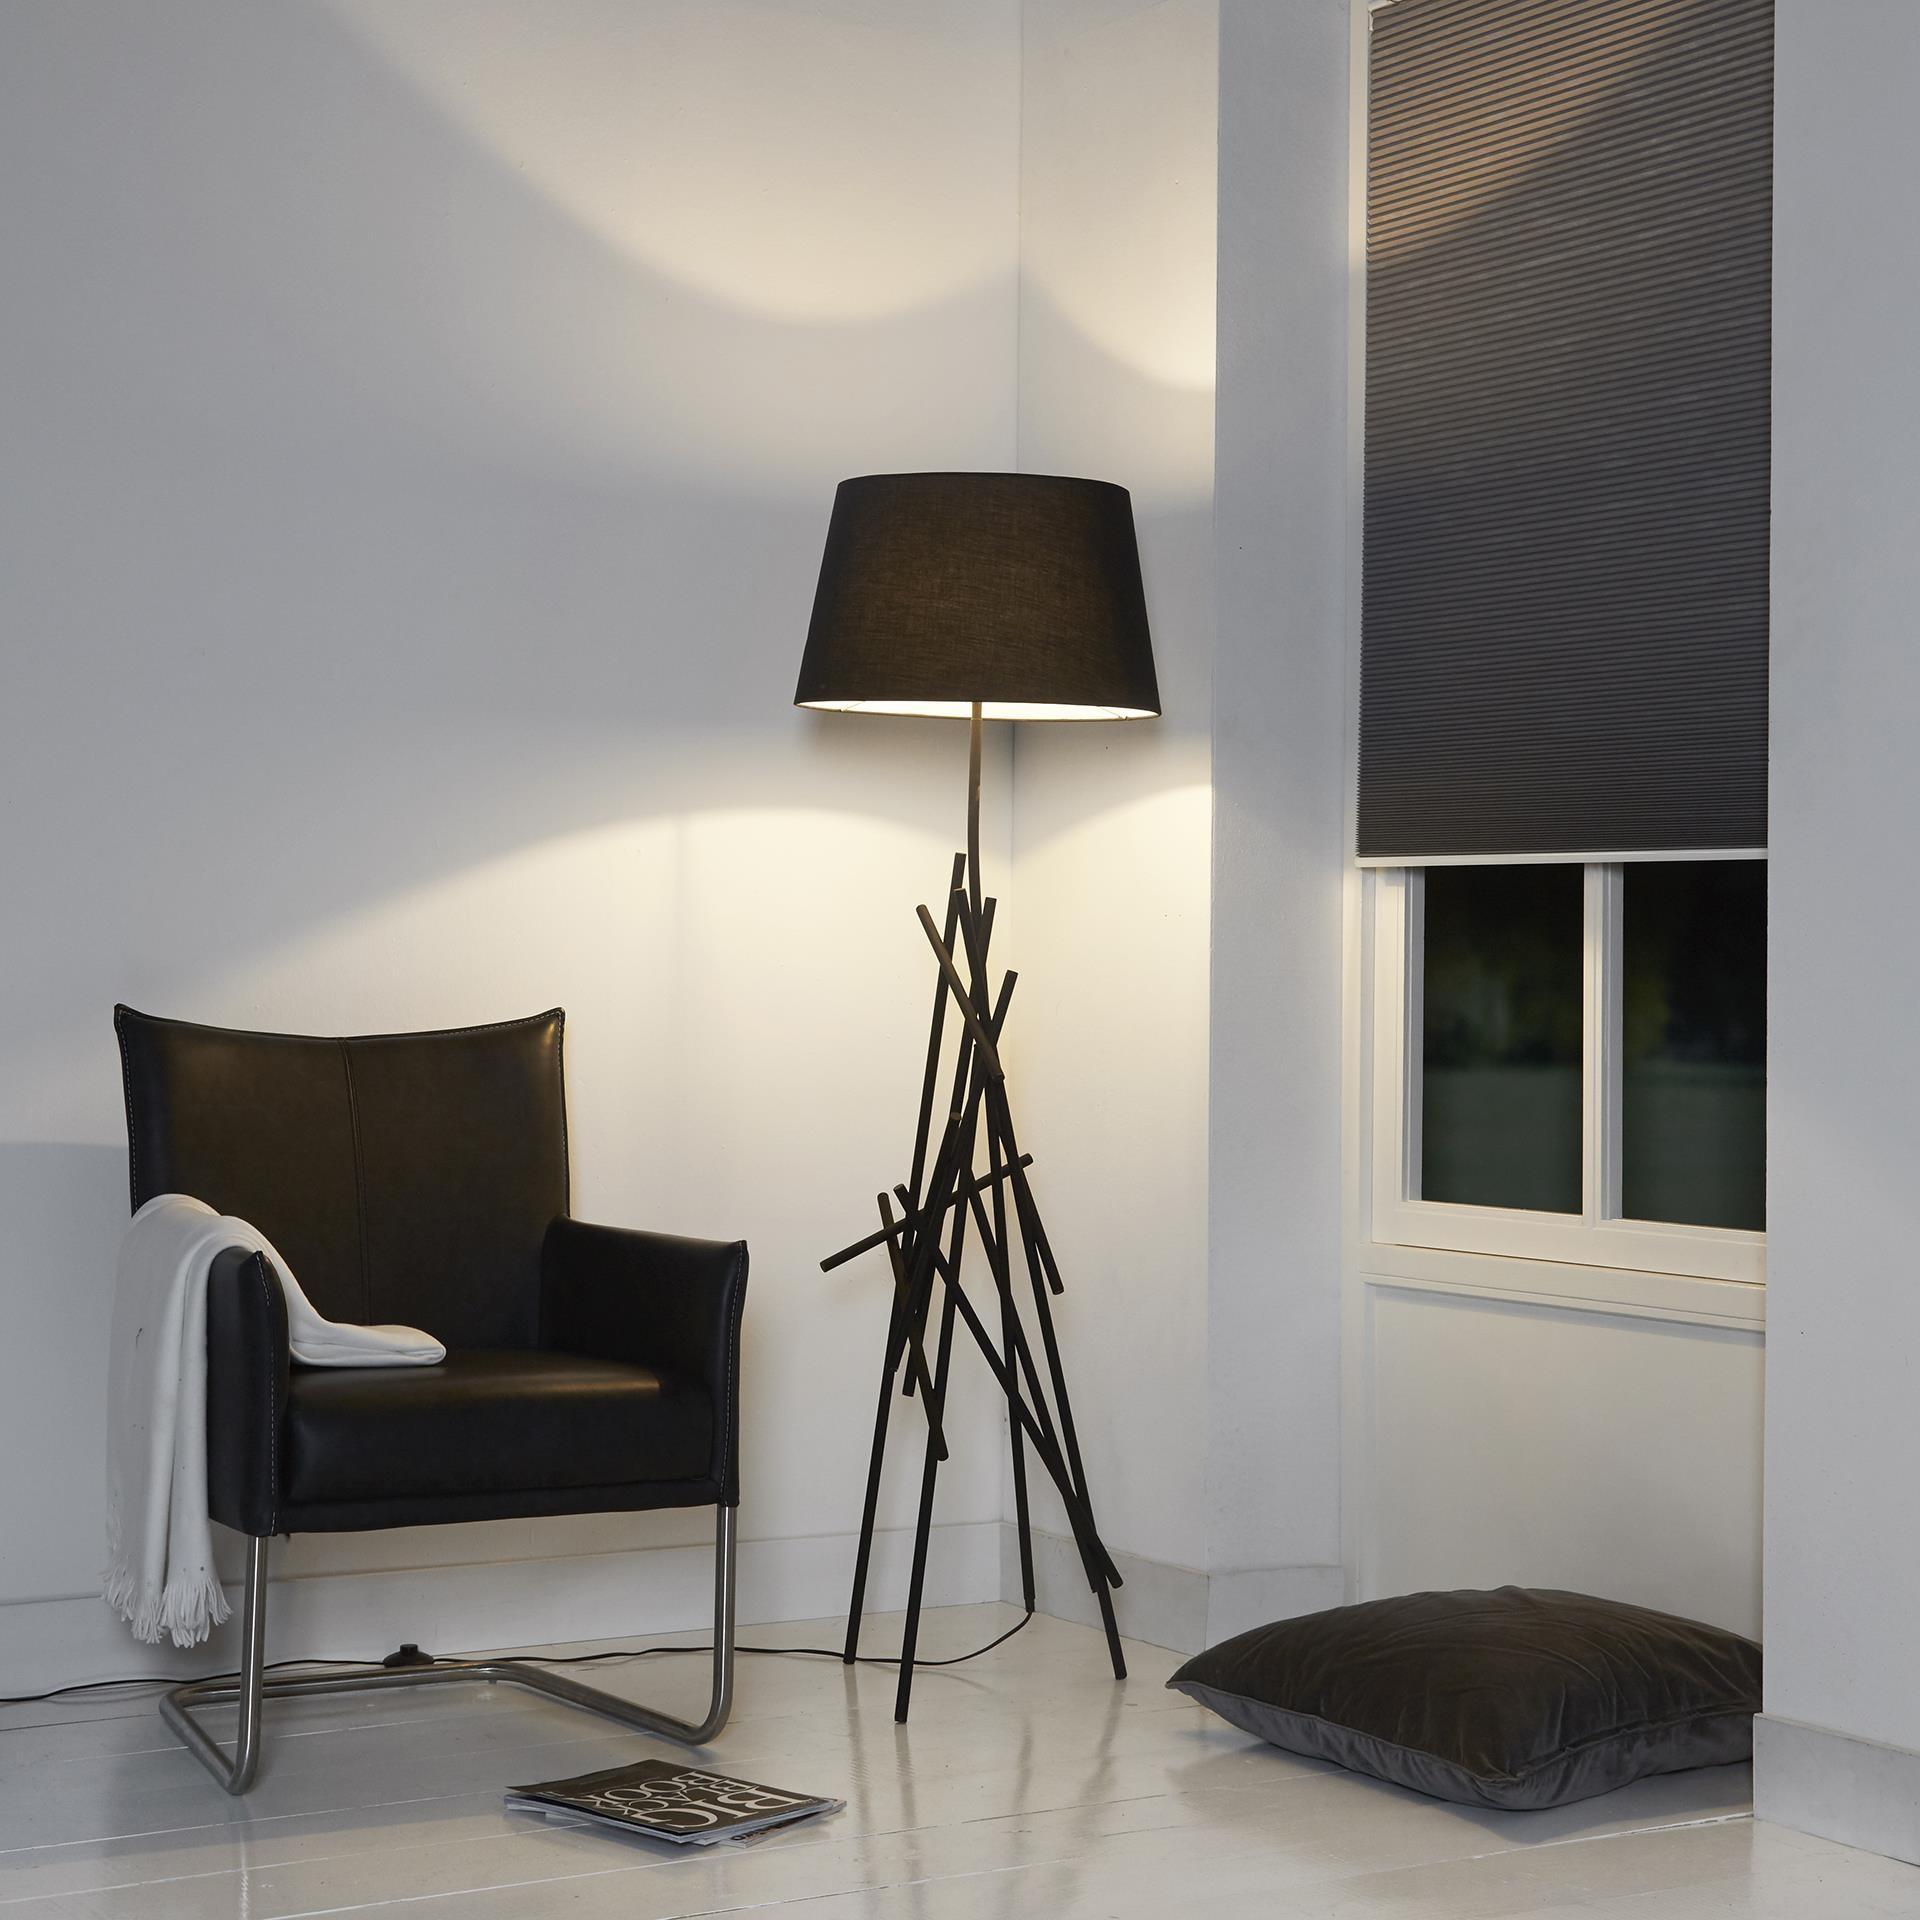 stehlampe schwarz mit lampenschirm stehleuchte lampenschirm schwarz h he 158 cm. Black Bedroom Furniture Sets. Home Design Ideas